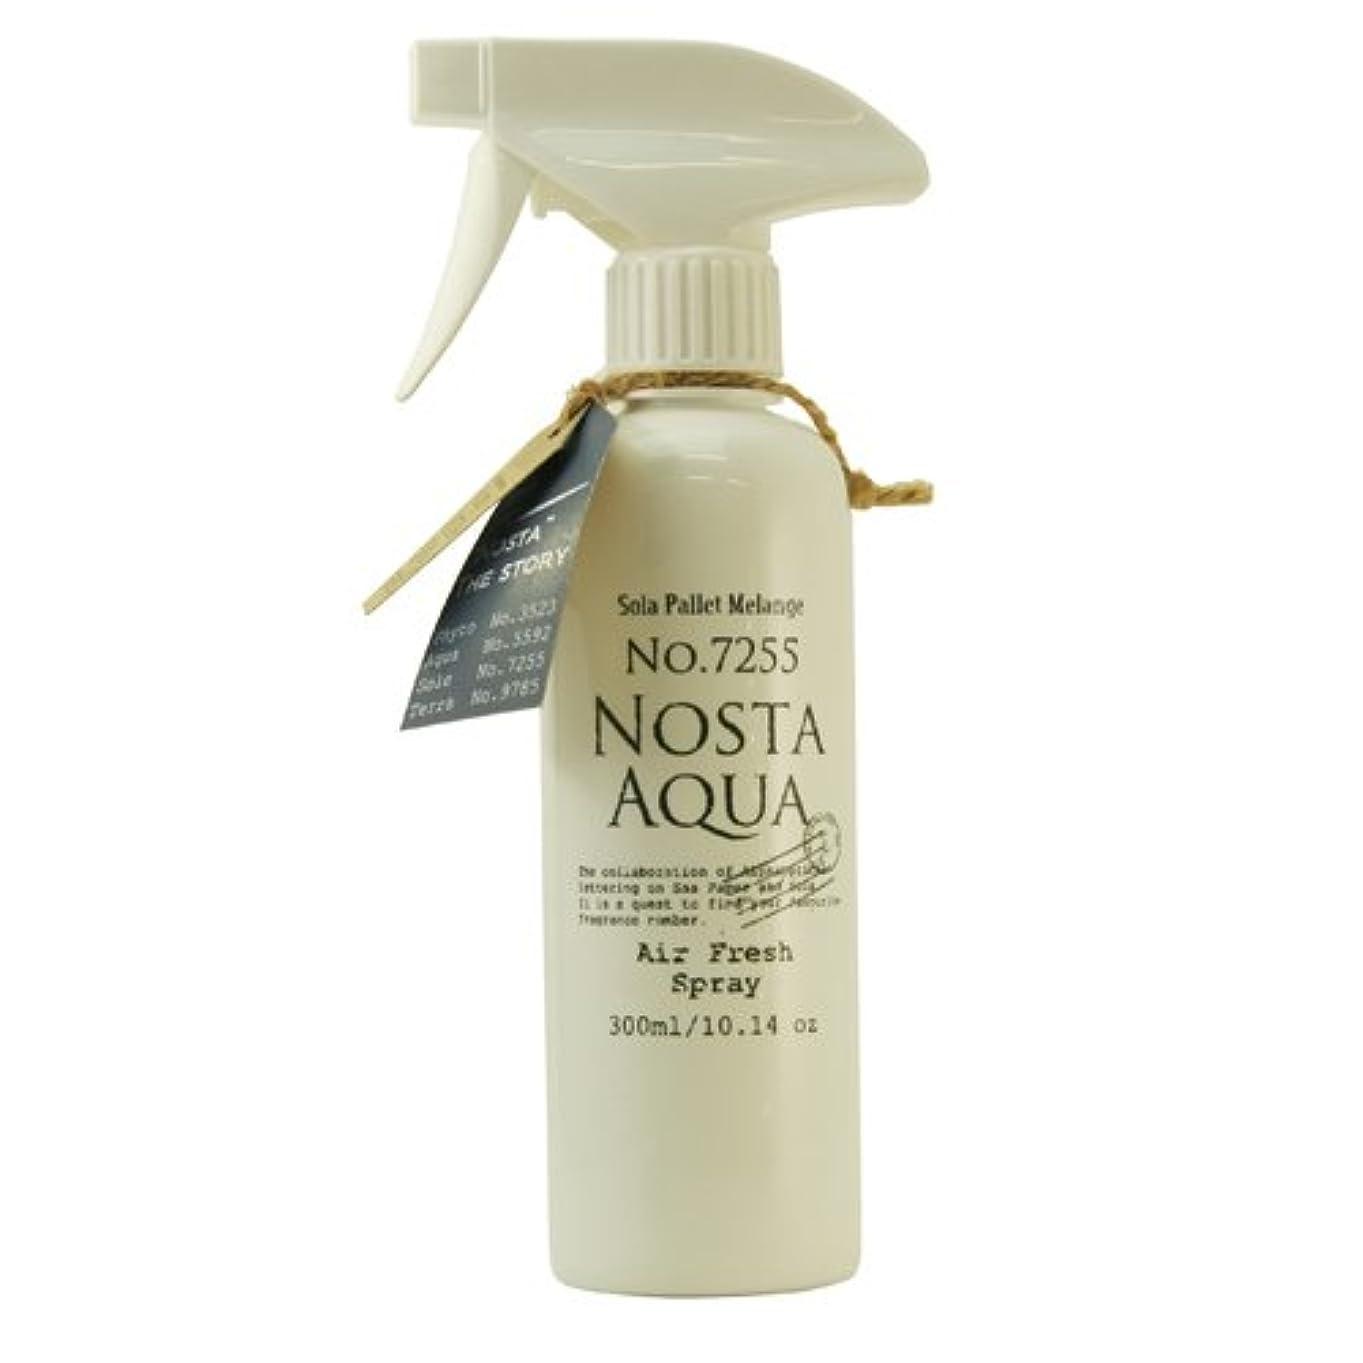 ループ技術的なのれんNosta ノスタ Air Fresh Spray エアーフレッシュスプレー(ルームスプレー)Aqua アクア / 生命の起源